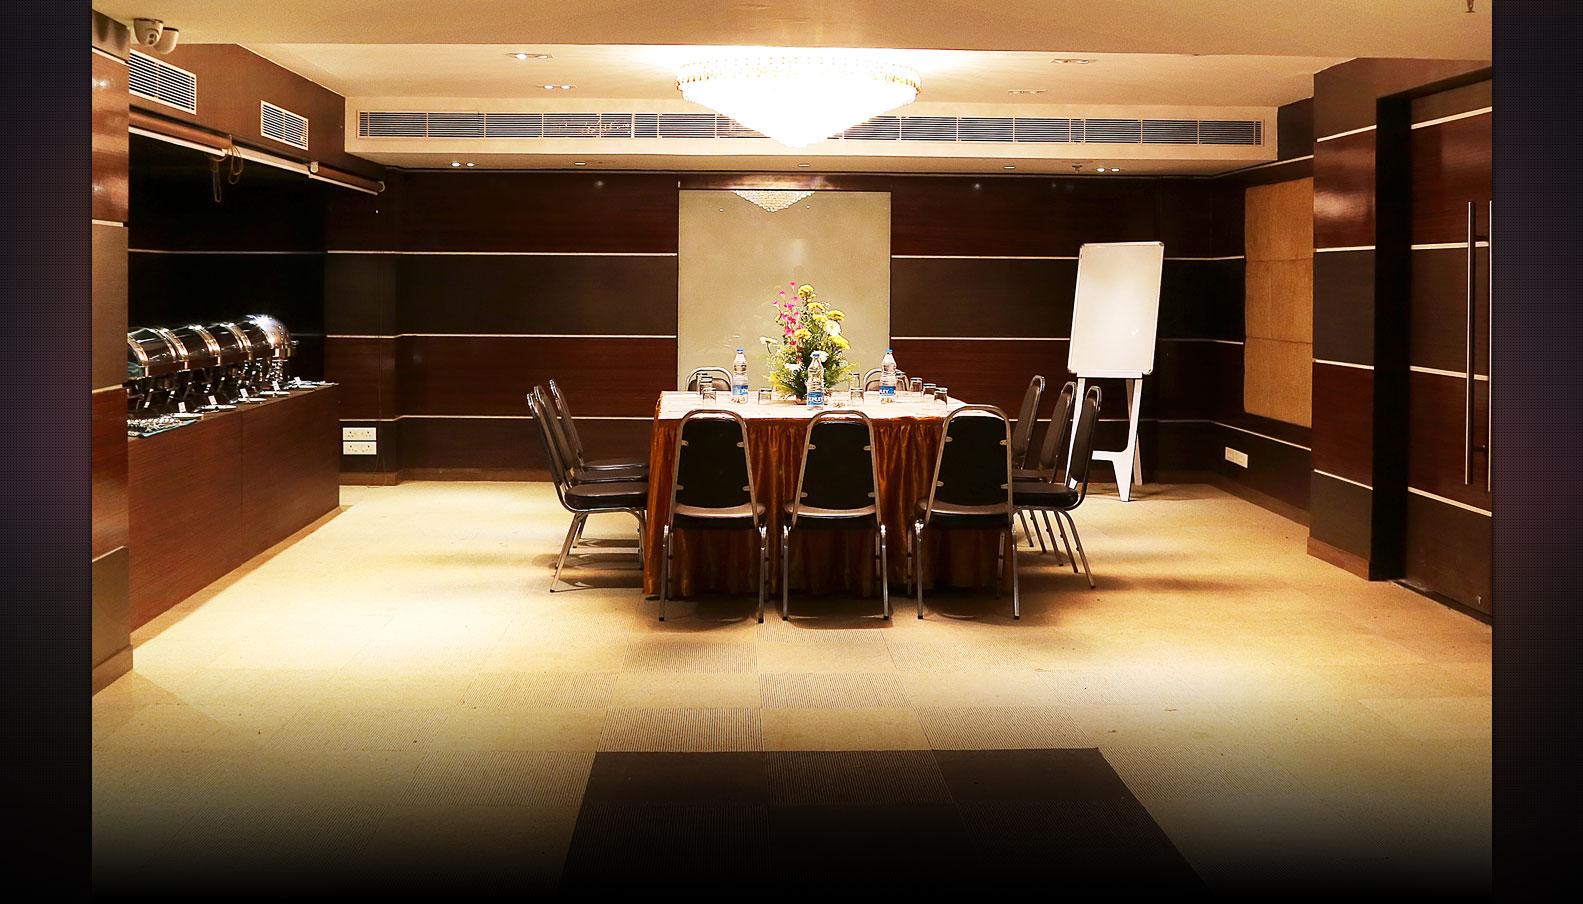 Ethnotel Hotel Banquet Hall